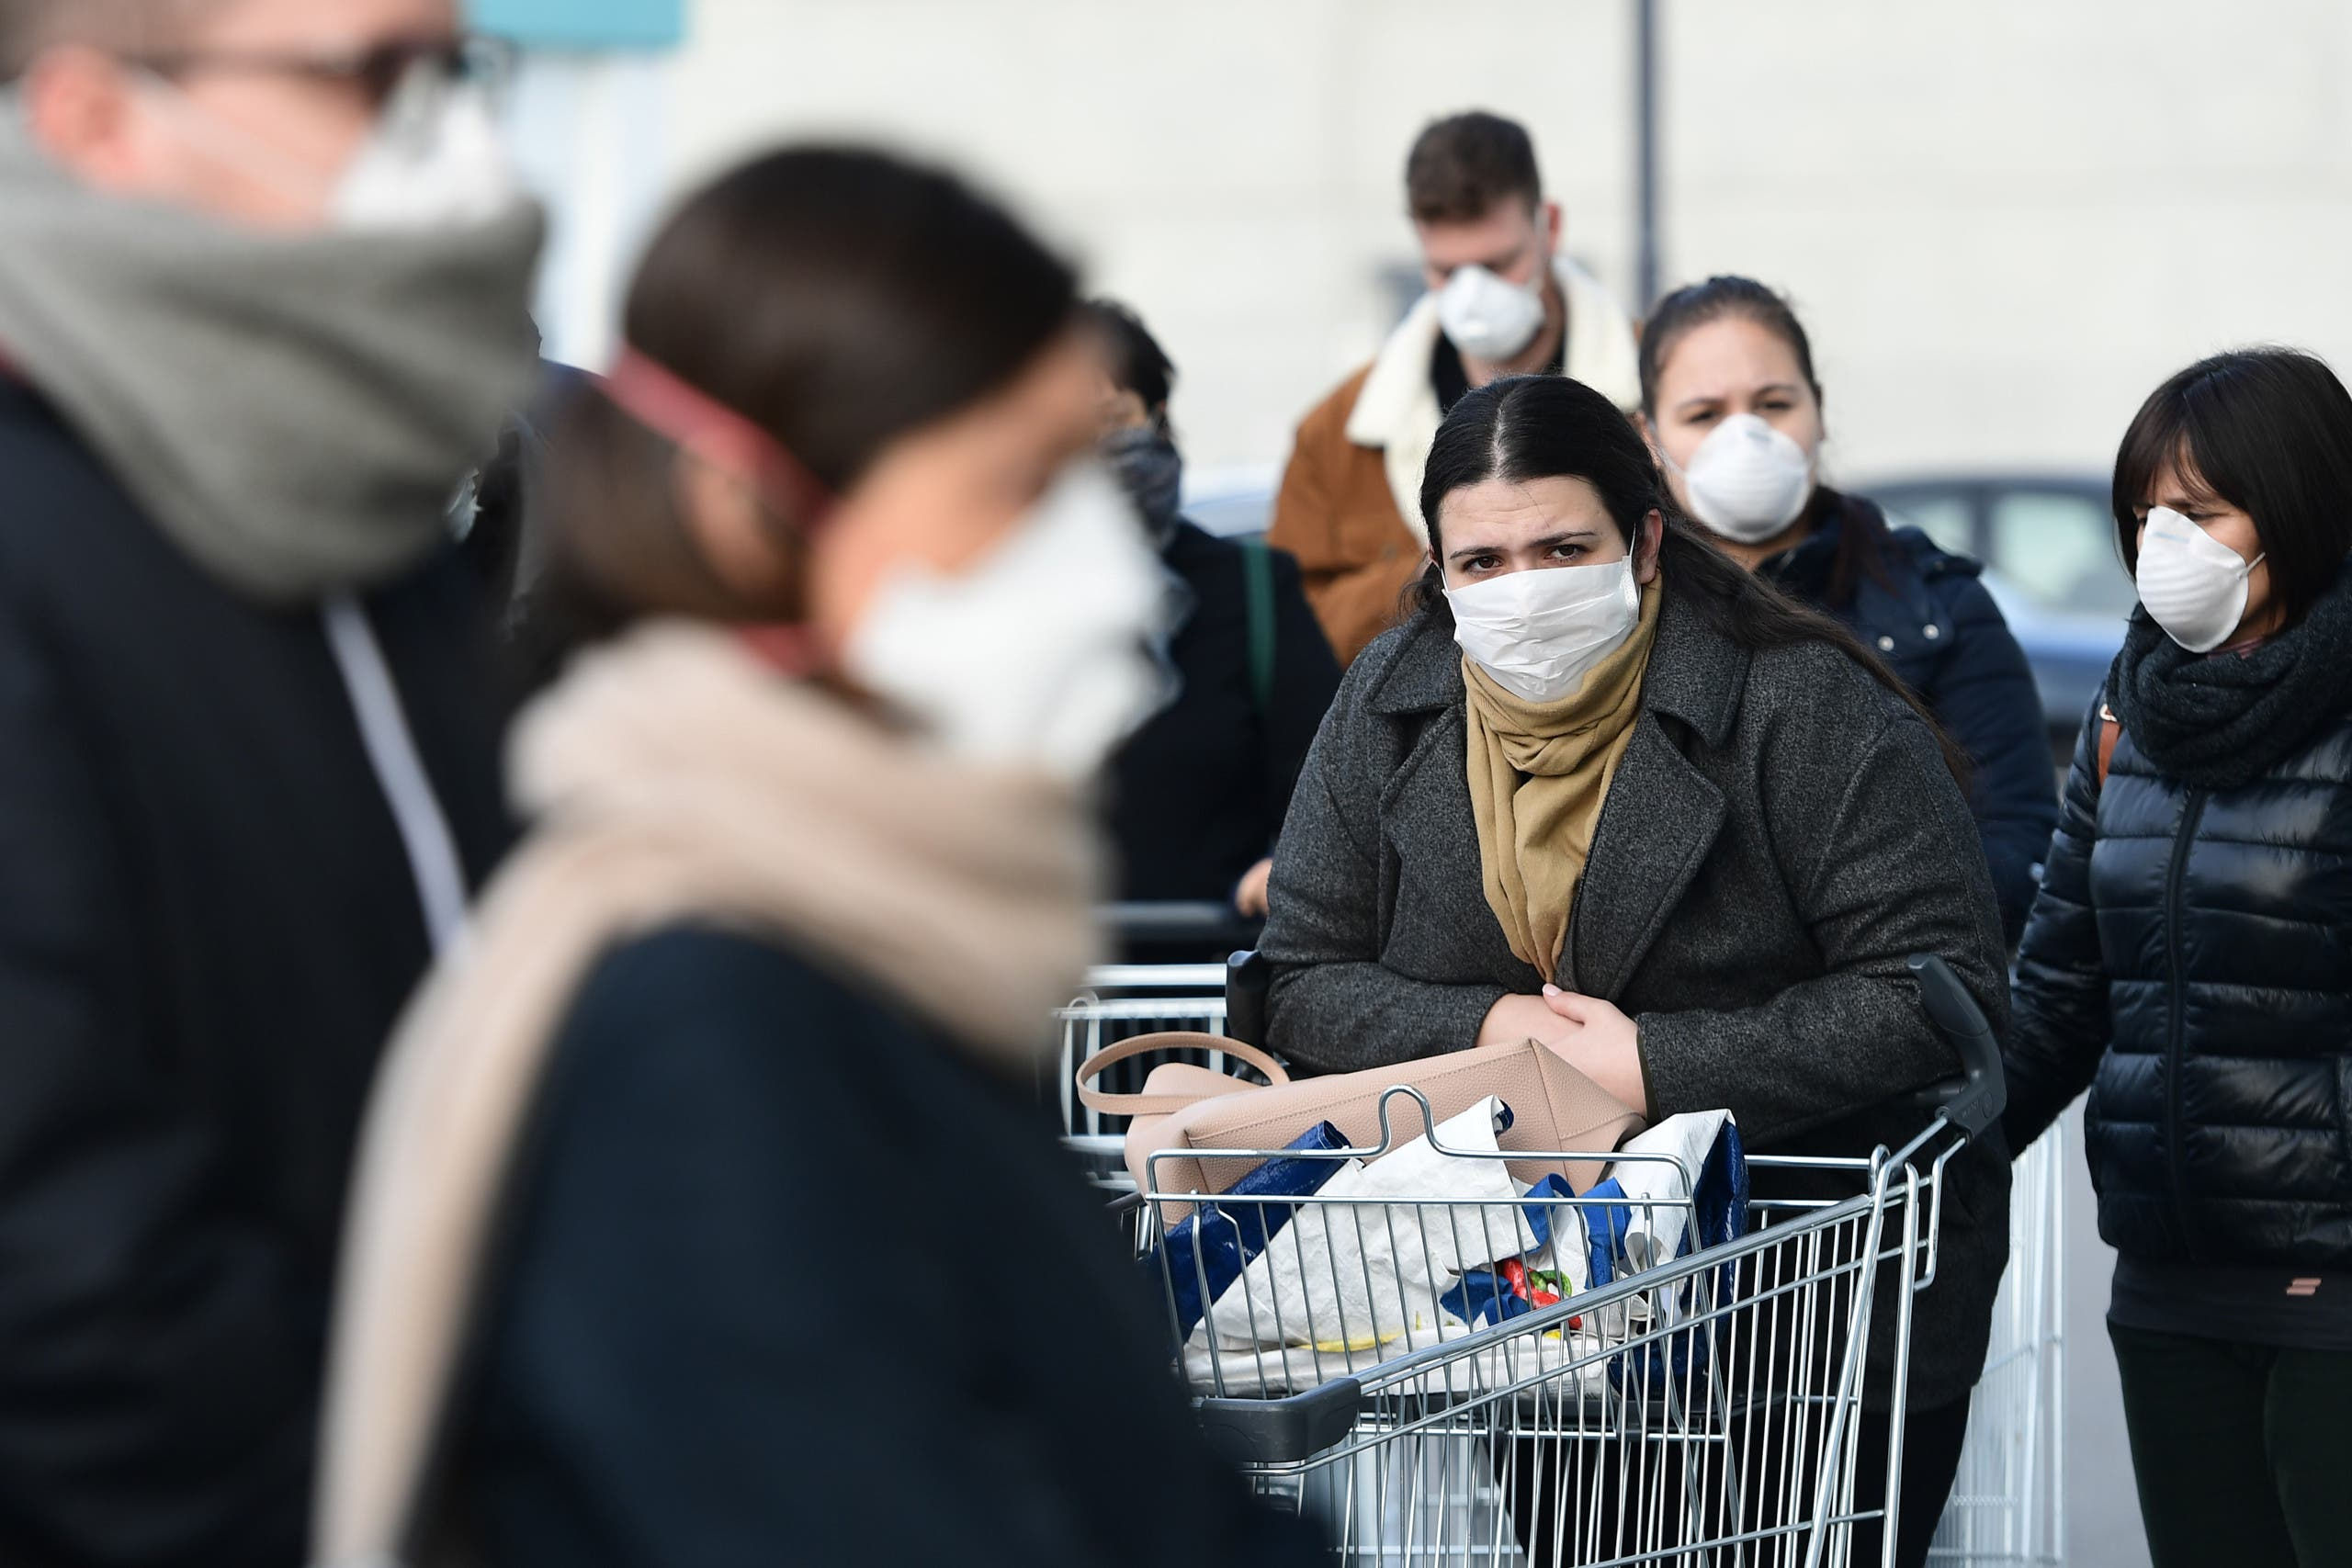 إيطاليون يشترون الحاجيات الأساسية وزهم يرتدون كمامات ويحترمون مسافة الأمان